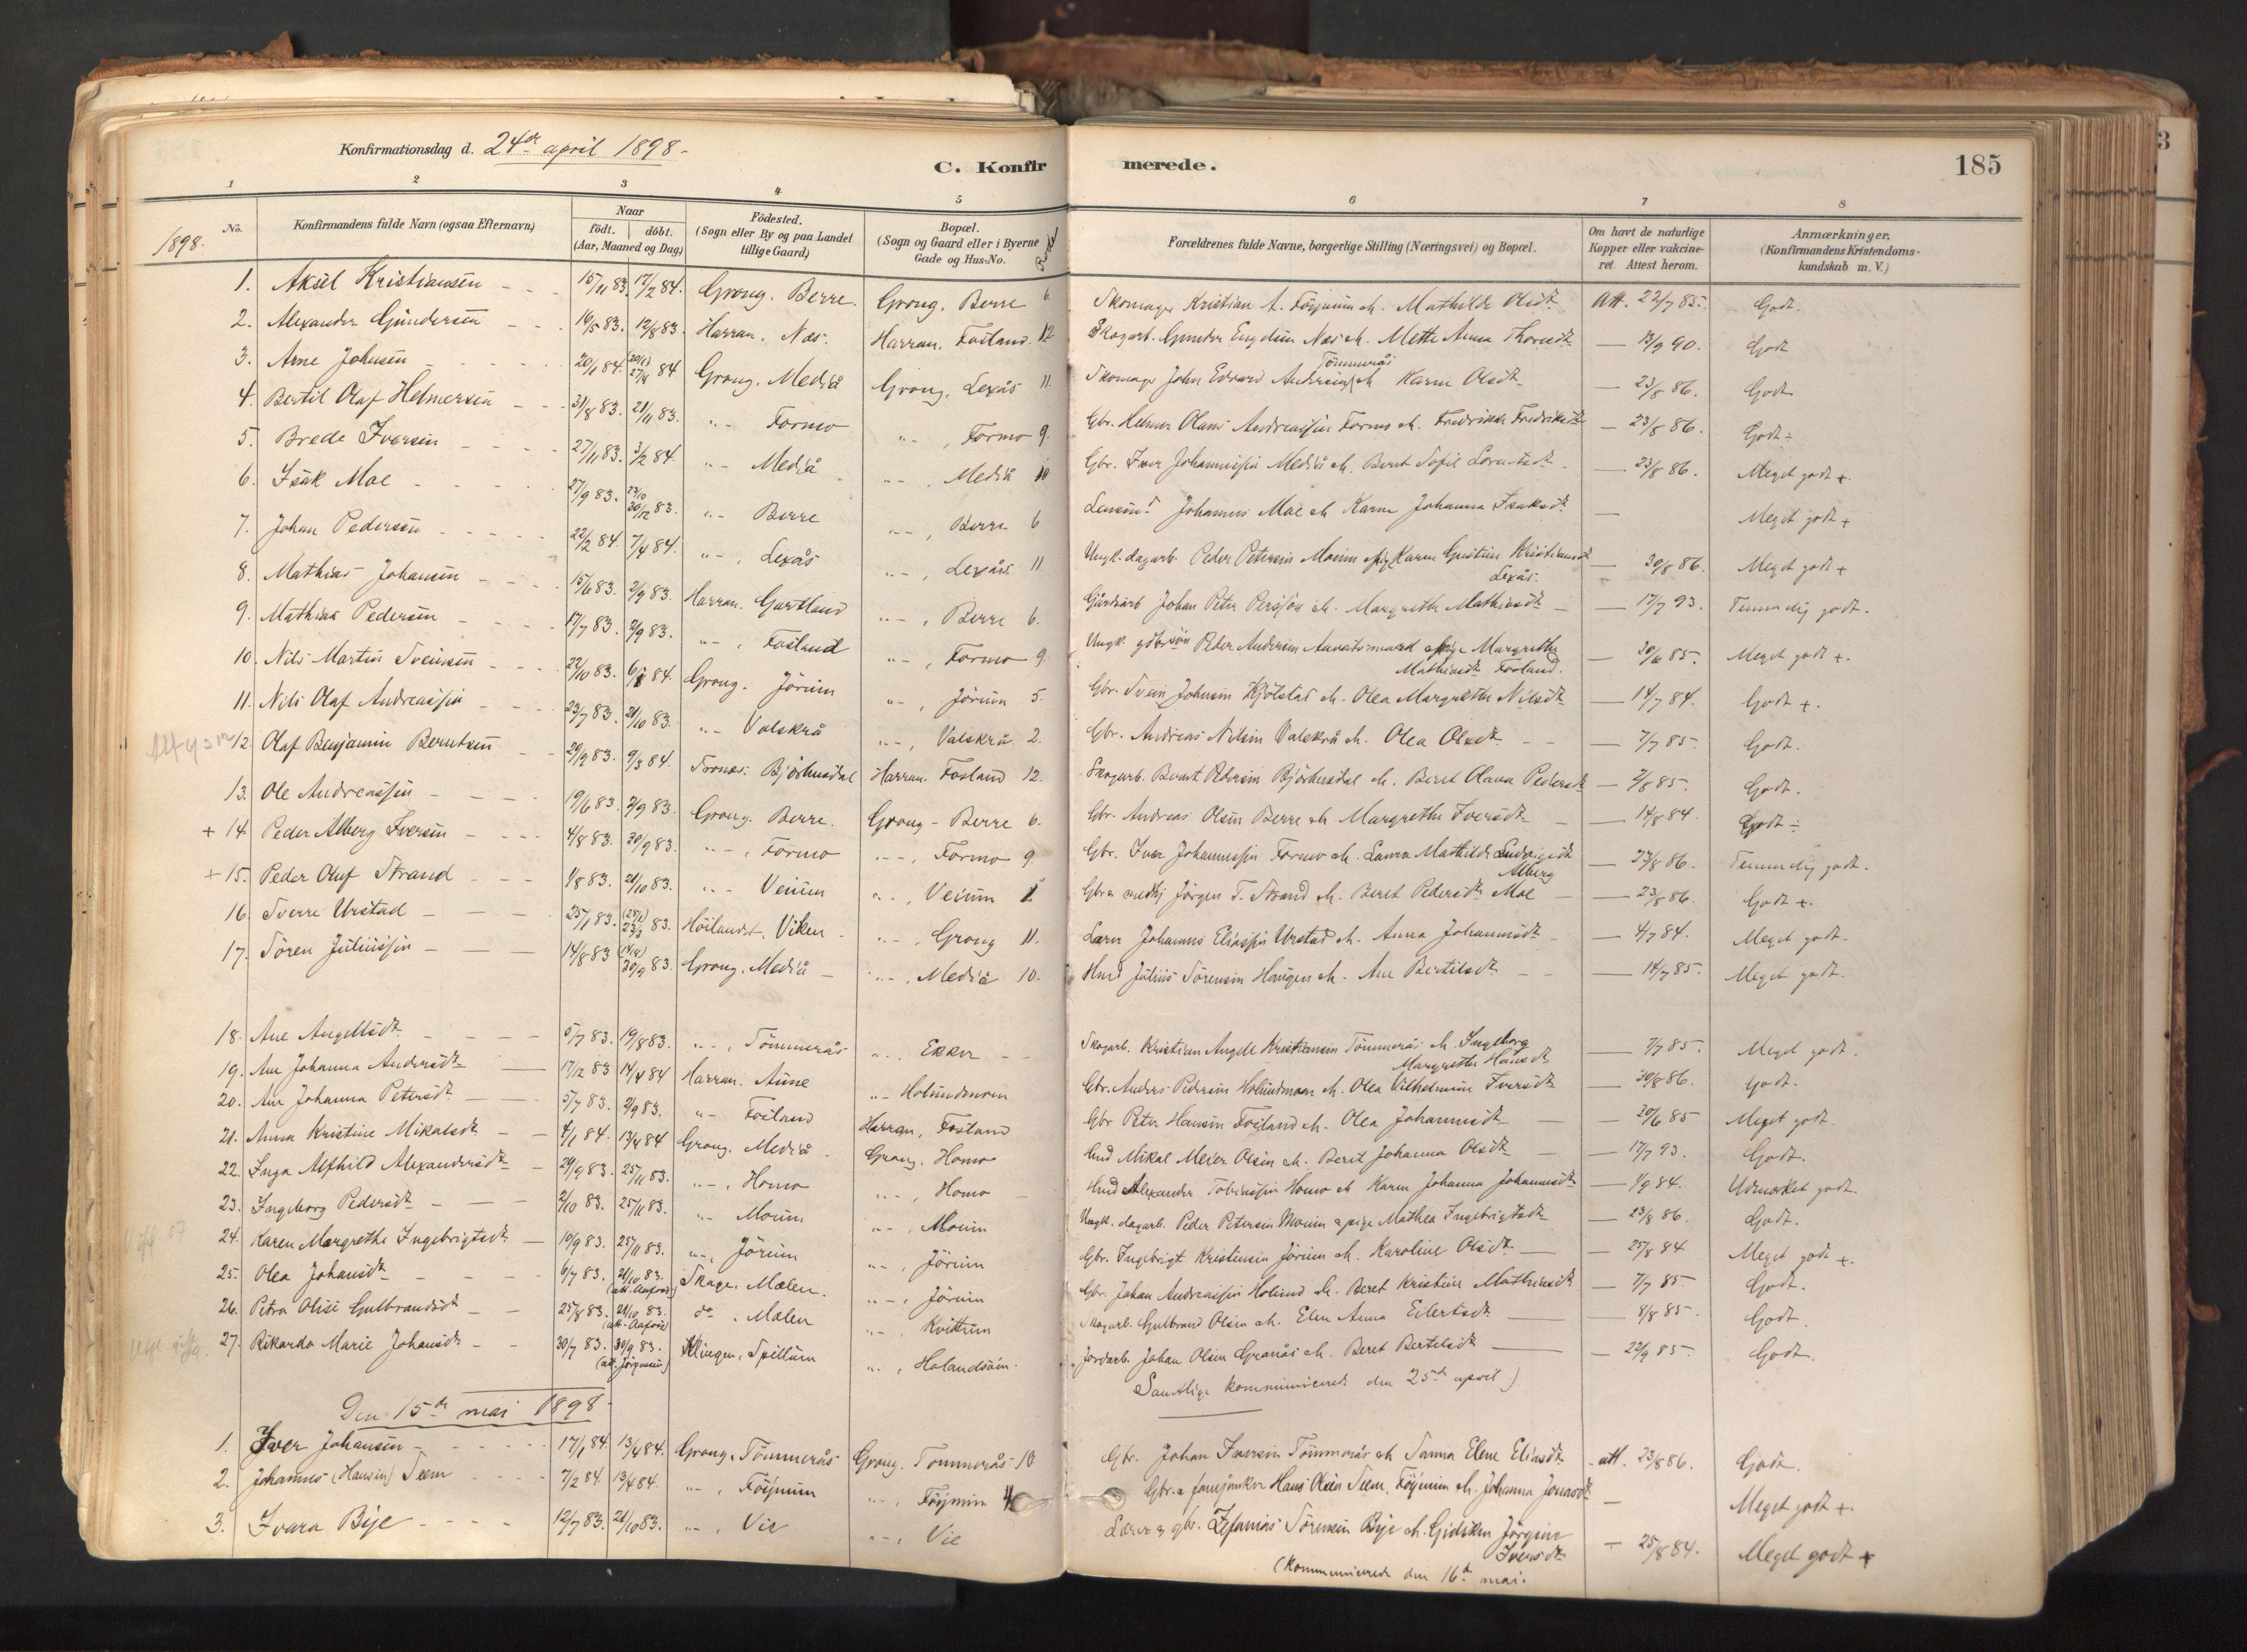 SAT, Ministerialprotokoller, klokkerbøker og fødselsregistre - Nord-Trøndelag, 758/L0519: Ministerialbok nr. 758A04, 1880-1926, s. 185